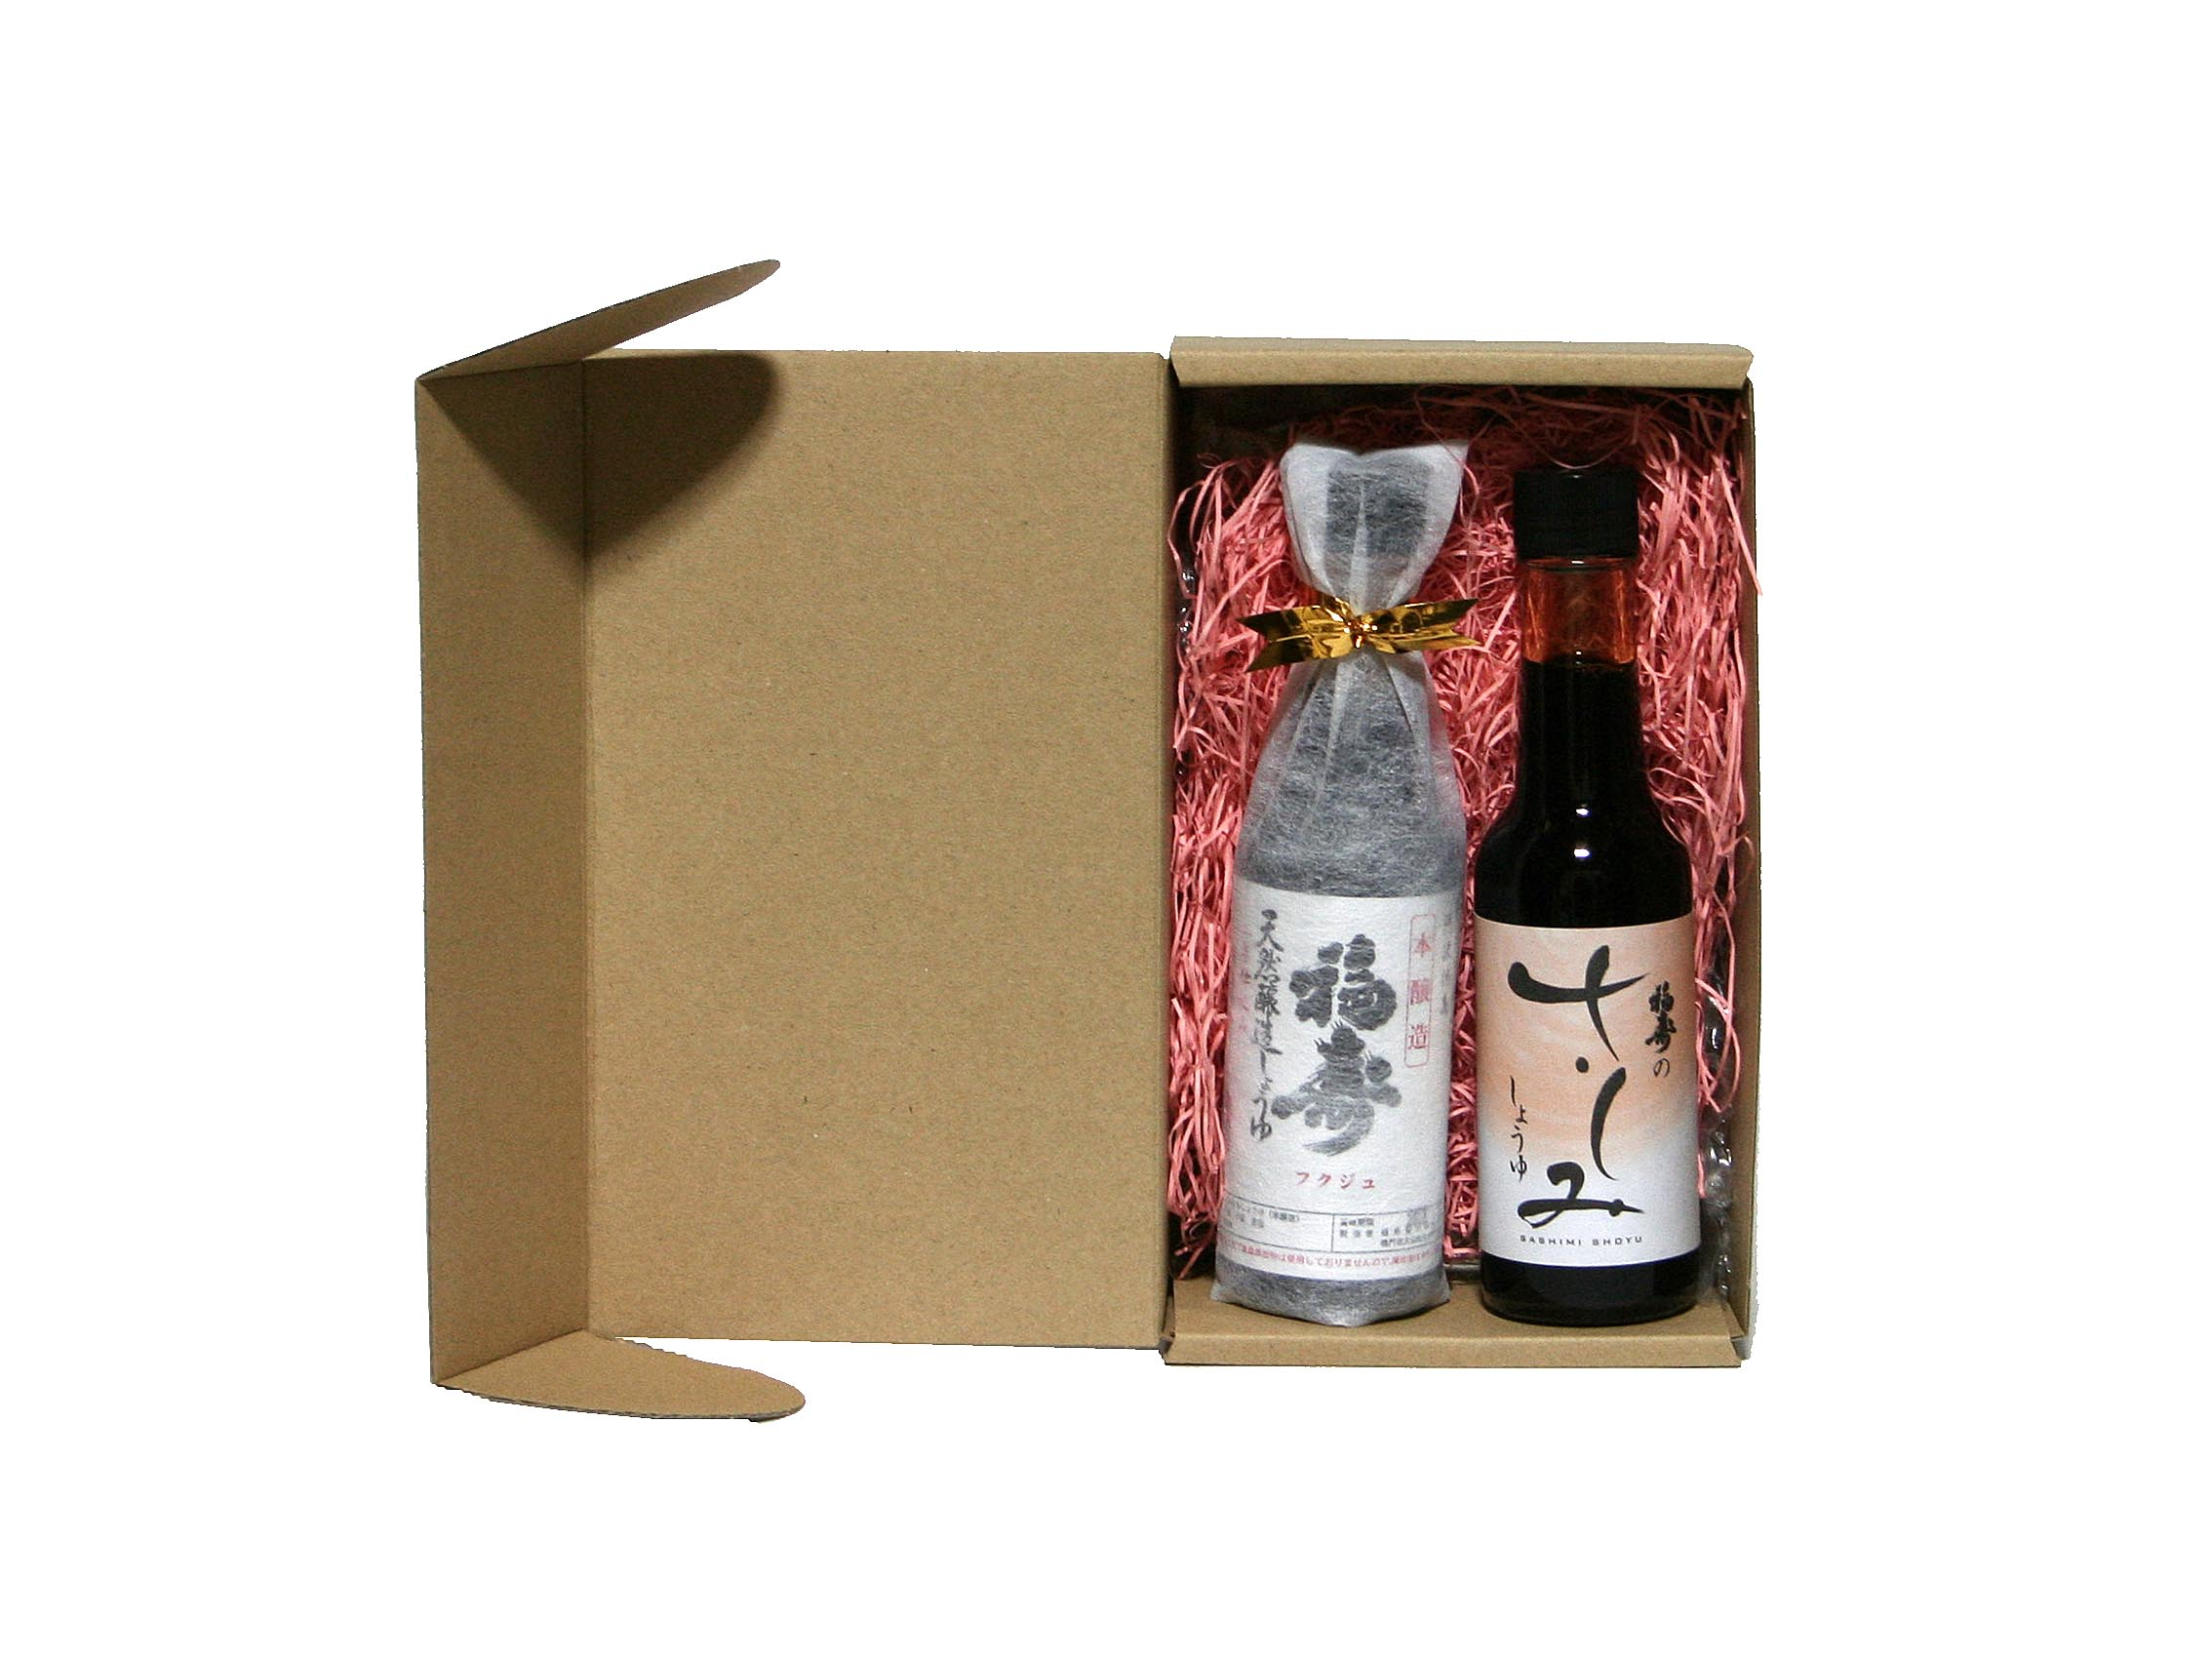 天然醸造醤油とさしみしょうゆのセット